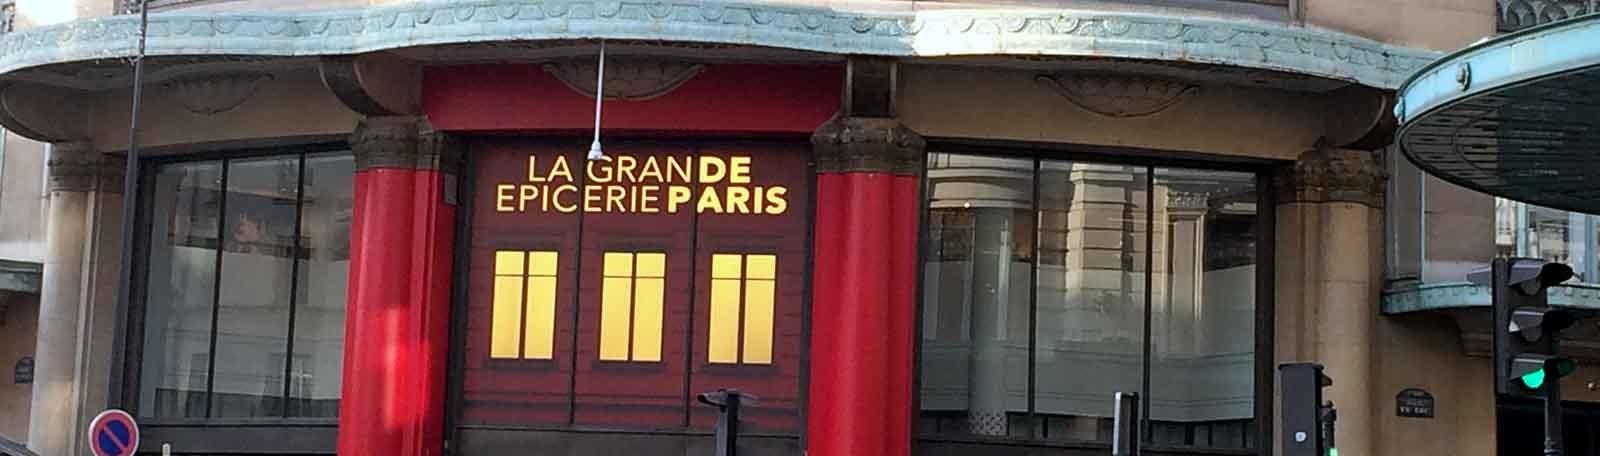 Parkeren Parijs La Grande Epicerie de Paris